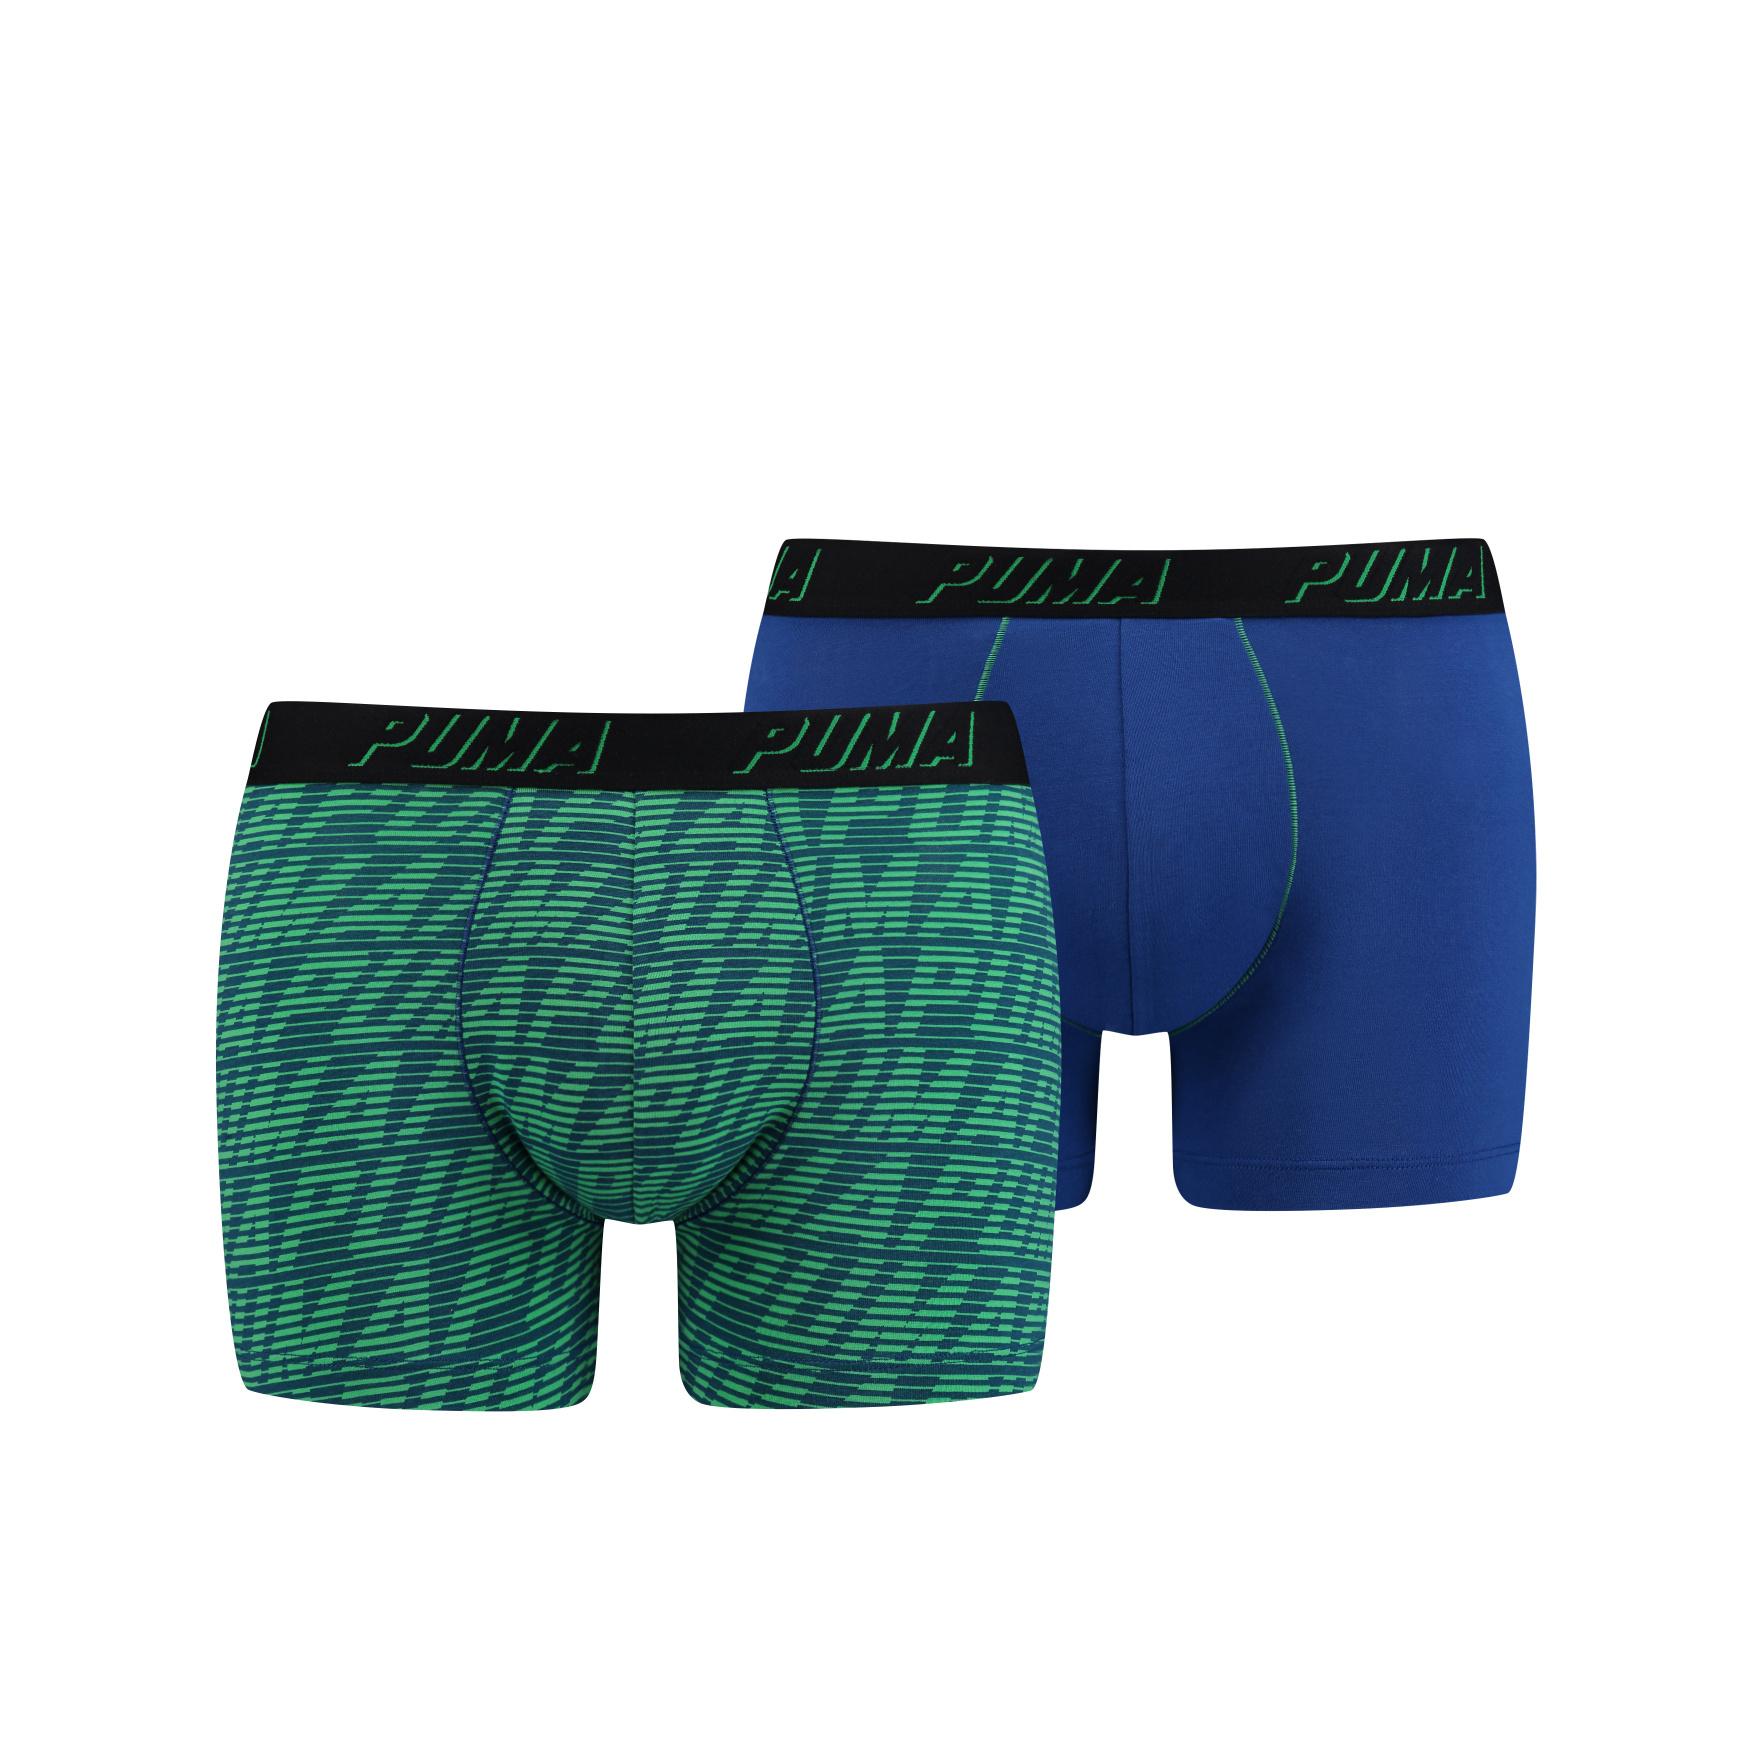 9170393a17 Puma pánske boxerky 591004001 289 farebné - Spodné prádlo a doplnky ...